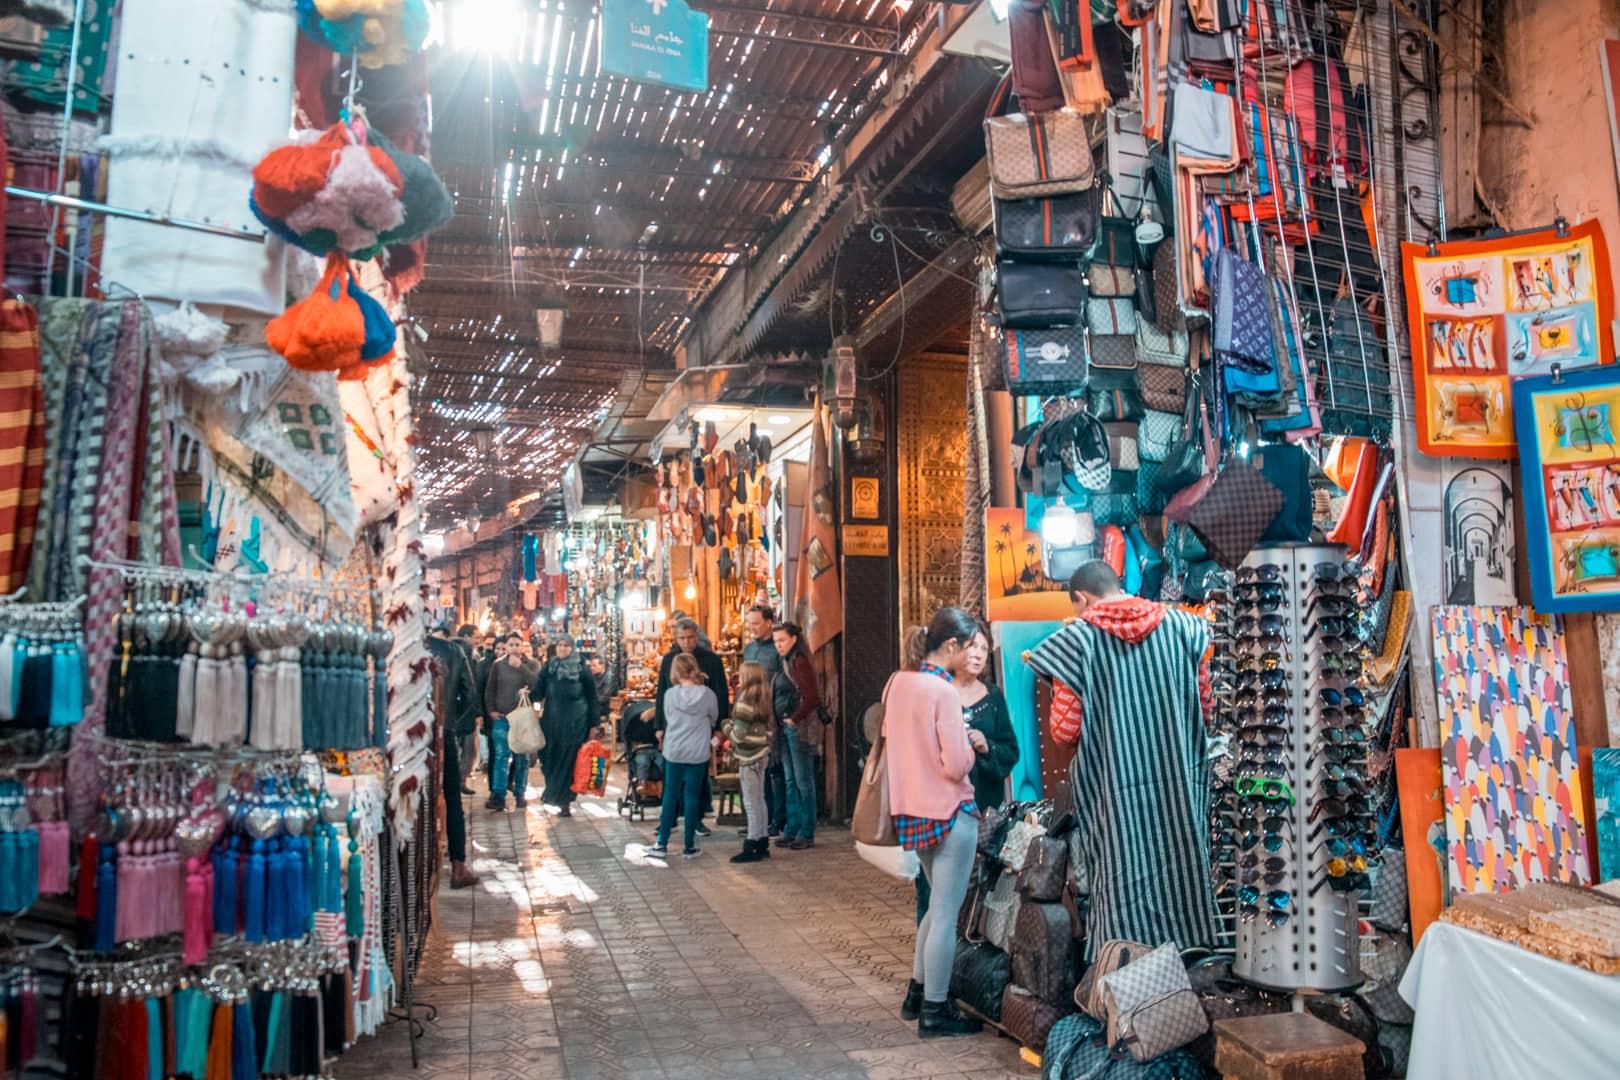 Marrakech Souks12 - Dit zijn de 10 beste bestemmingen voor vrouwen | Solo reis tips